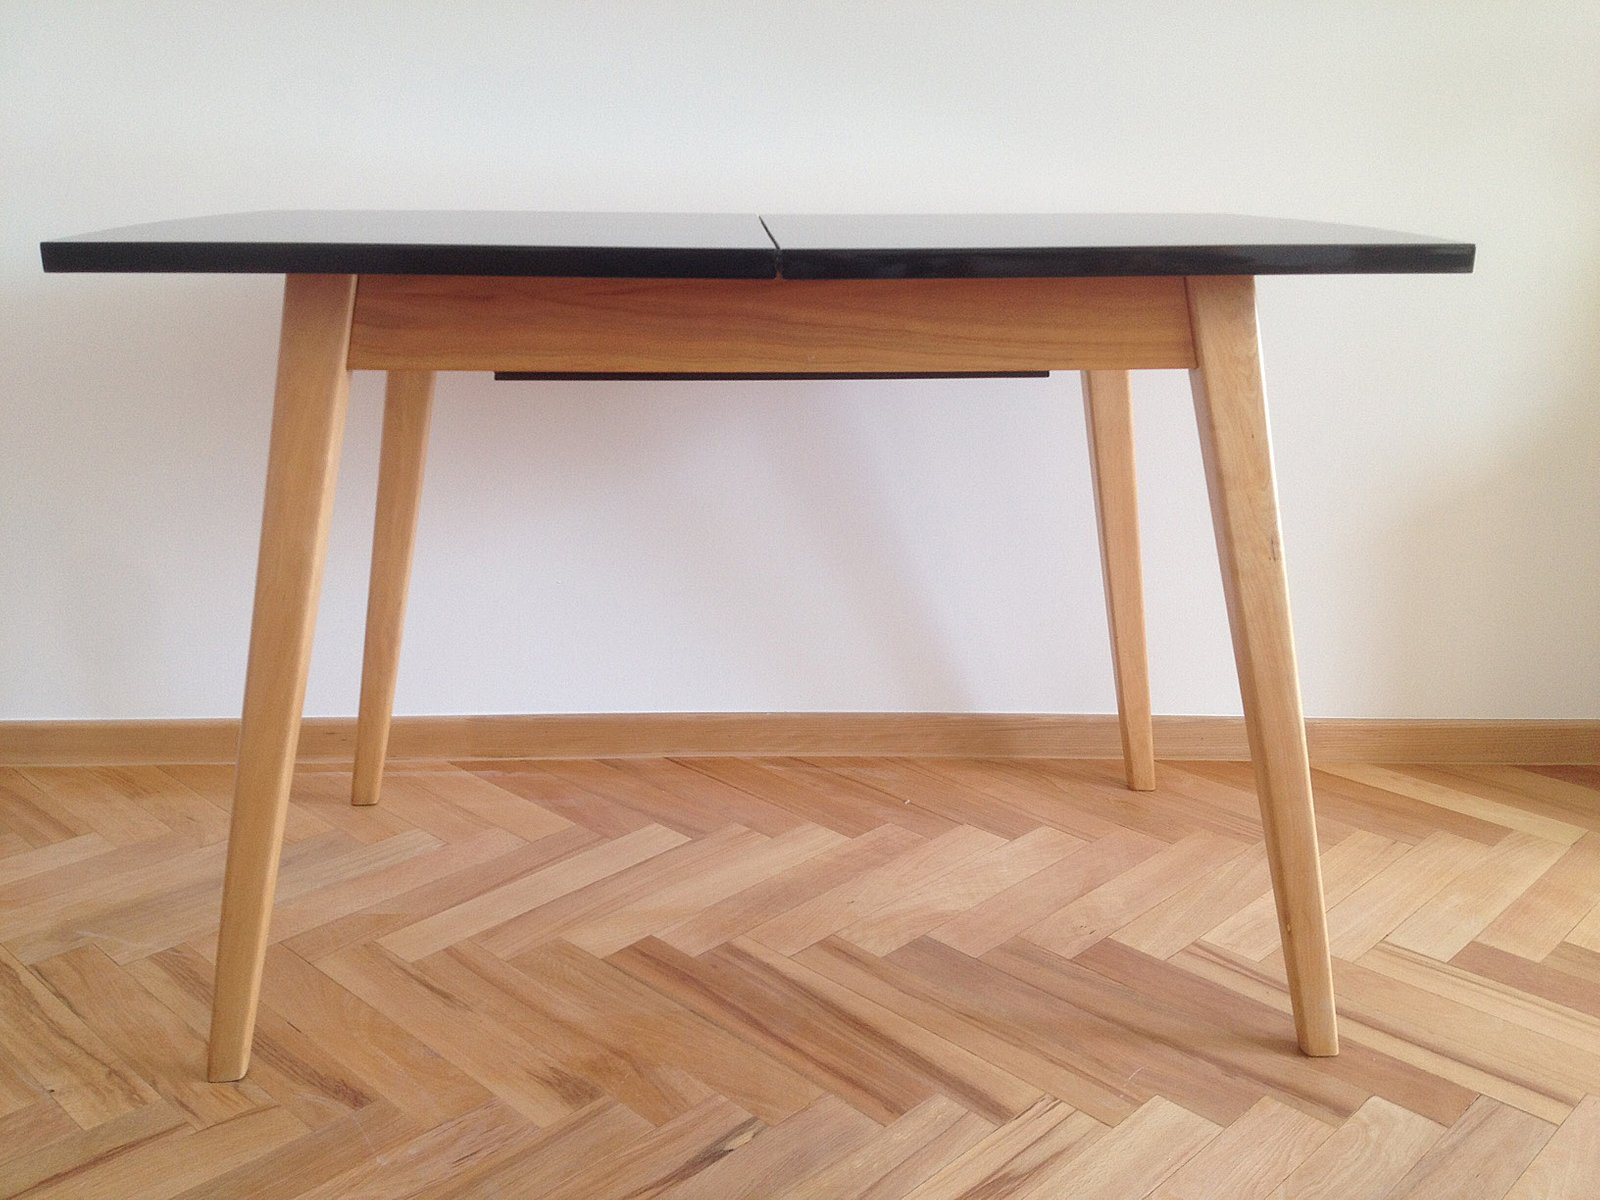 Klapptisch Modell 1326 von Lejkowski & Le?niewski für Cracov Furniture...